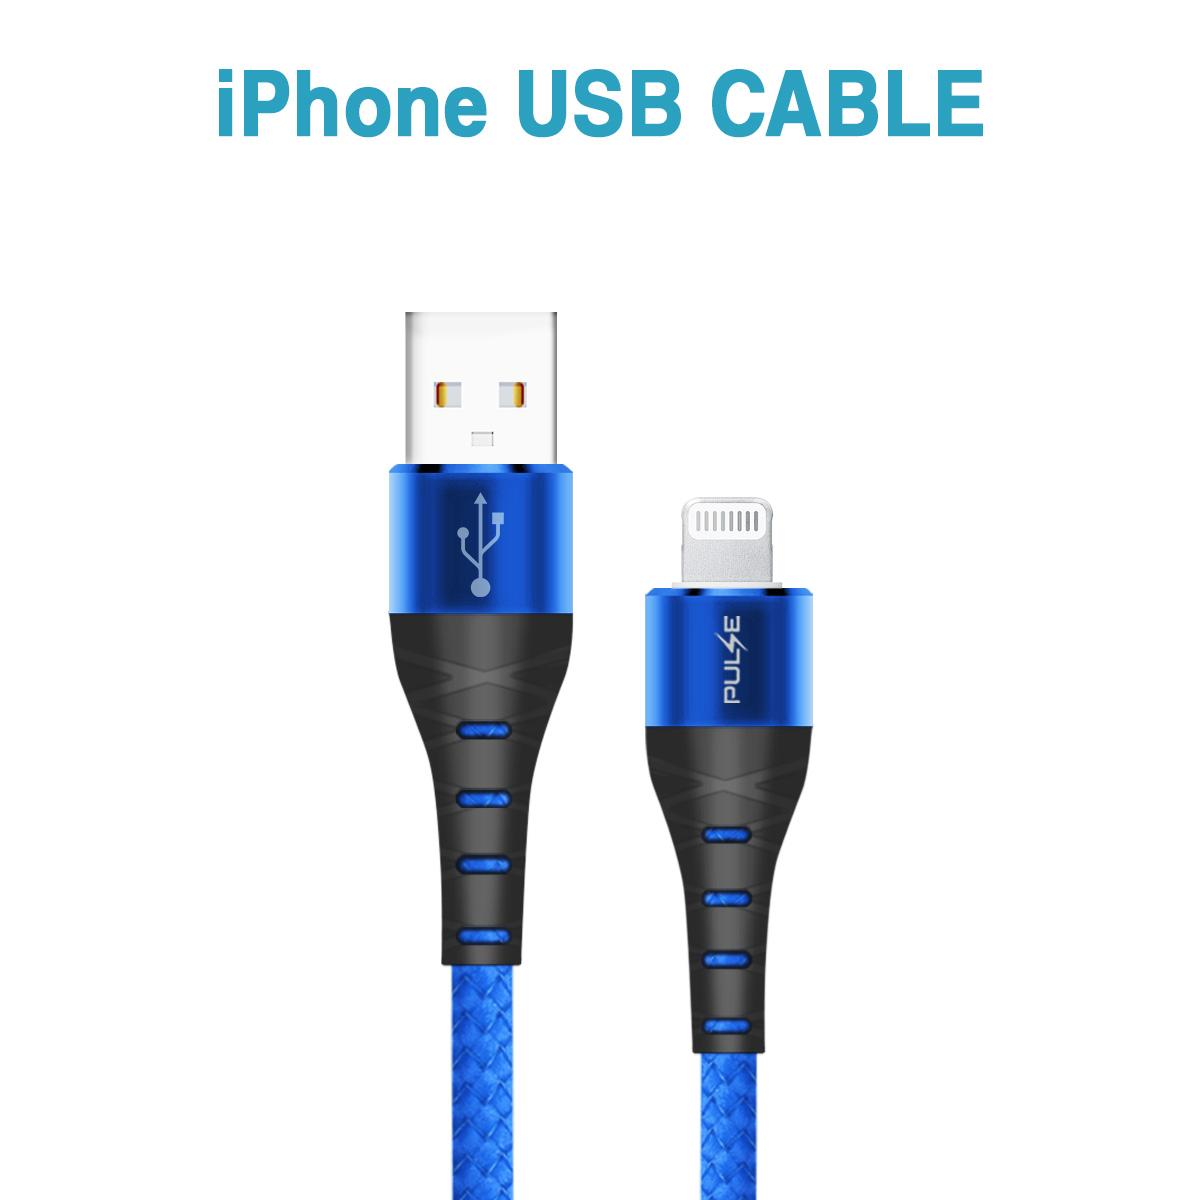 5F-10022-NL-USB-IP-BL